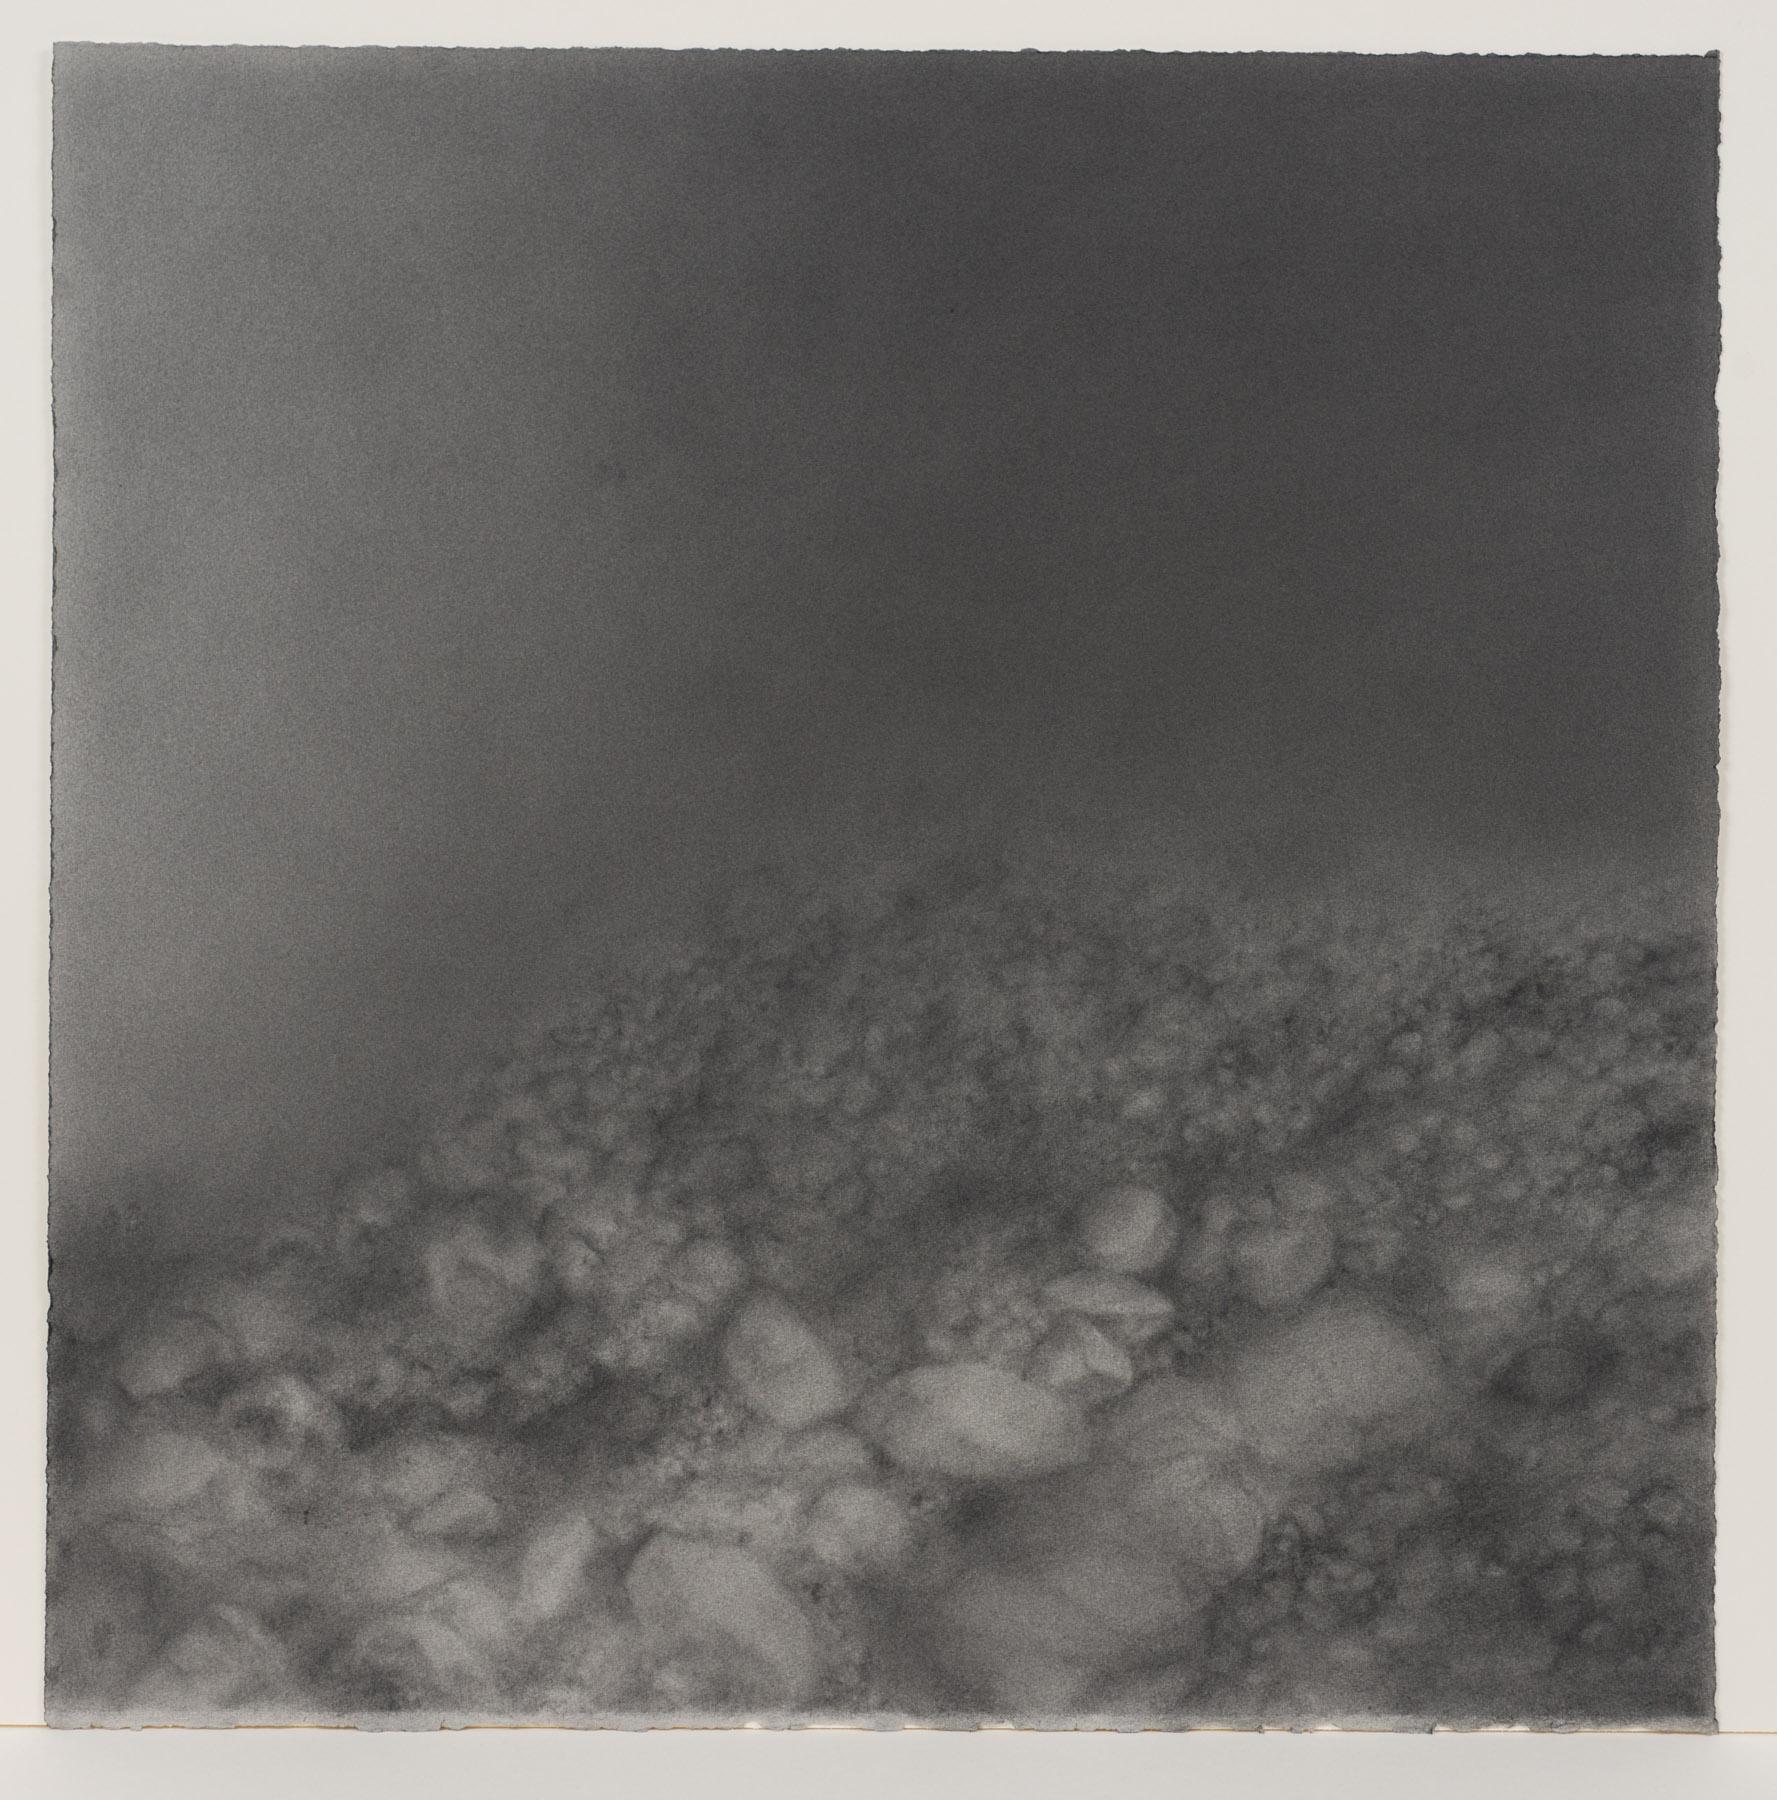 """Andréanne Godin,  #04 : History of a Landscape (Variation IV),  de la série  Descriptions de paysages , 2015, poudre de graphite sur papier Arches, 61 x 61 cm (24"""" x 24"""")"""